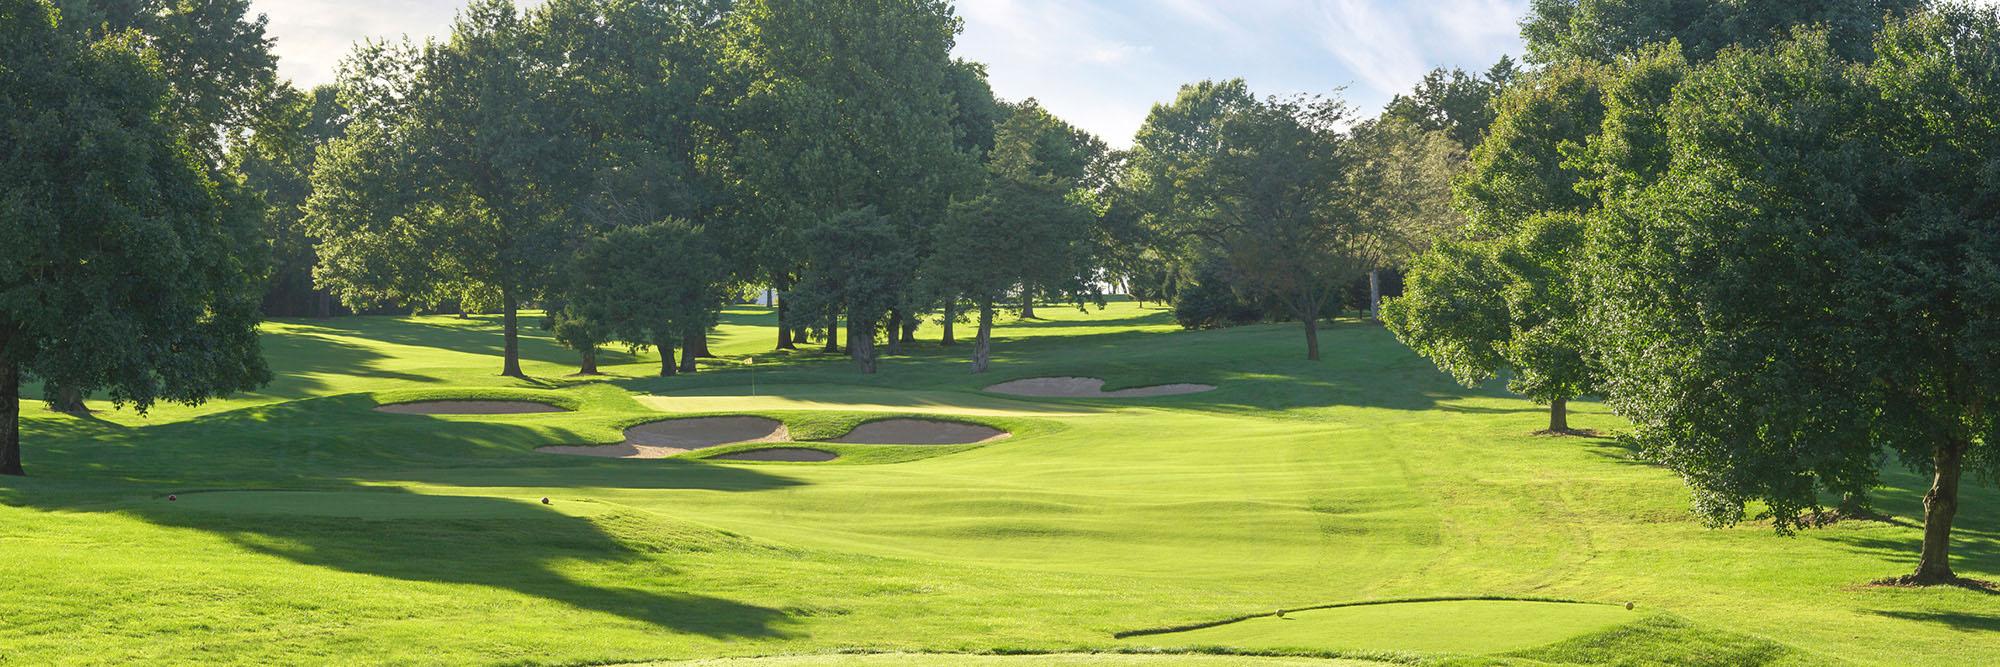 Golf Course Image - Hickory Hills No. 16